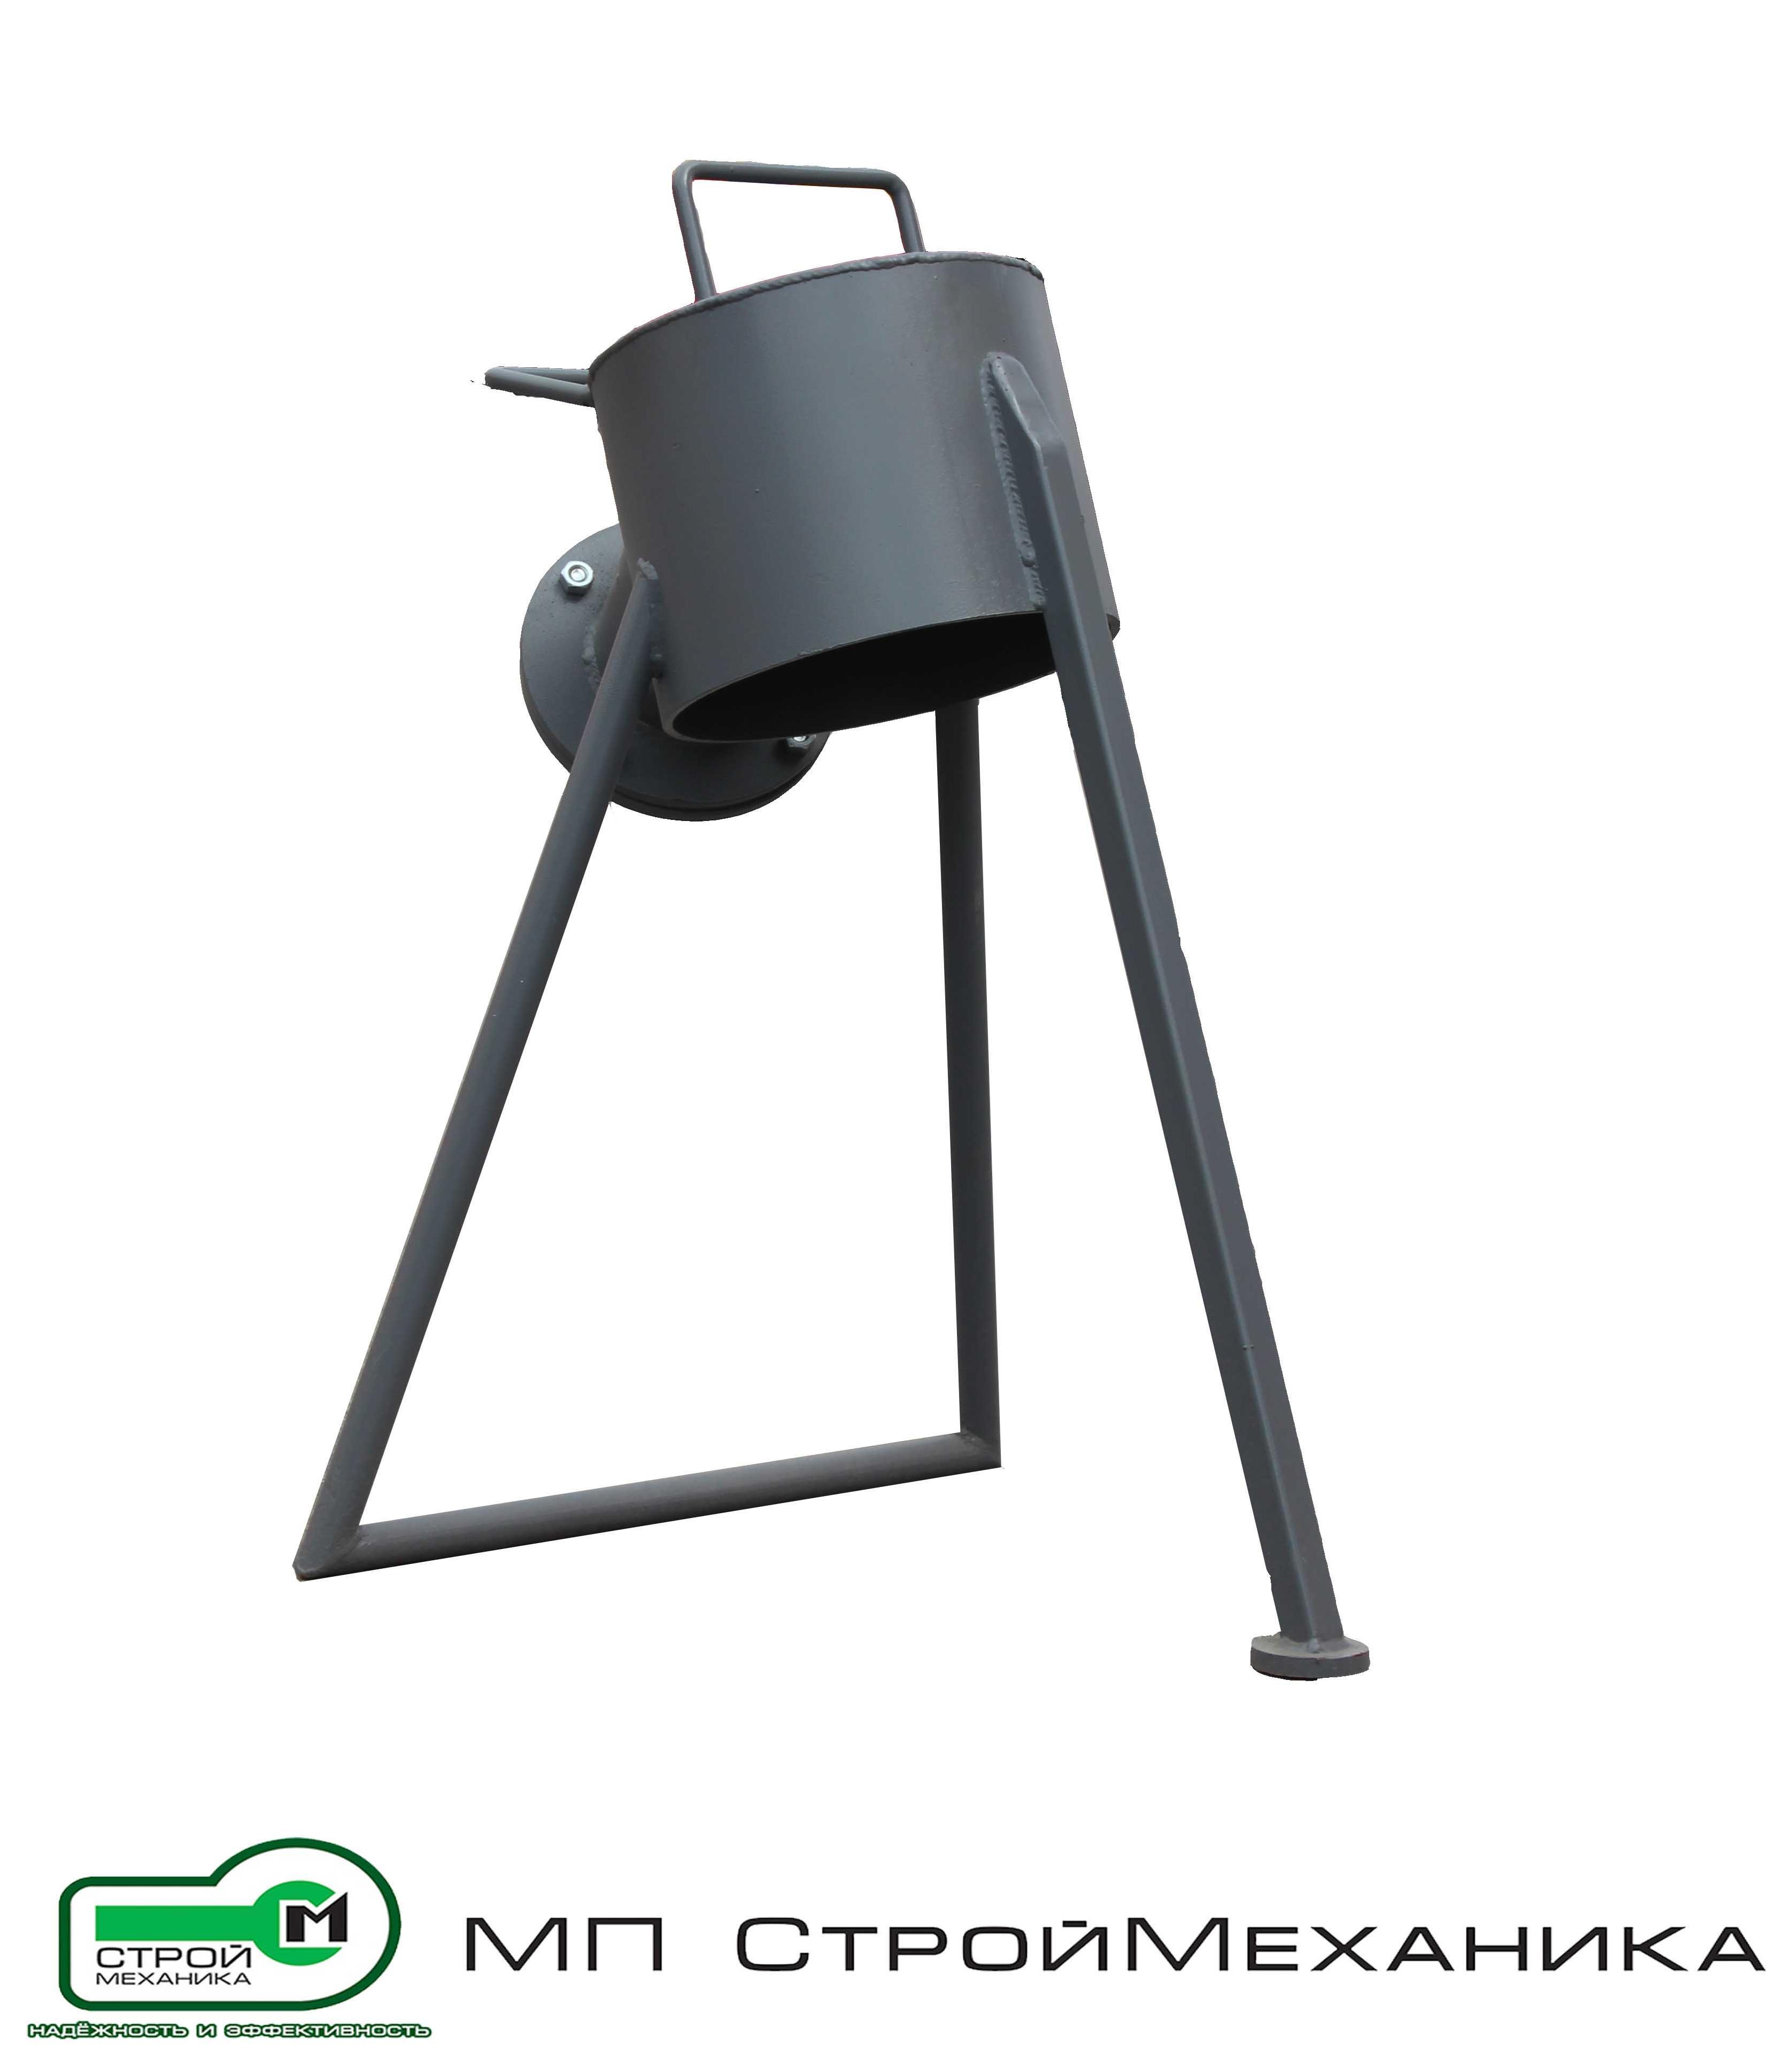 Гаситель бетона смесь бетонная бсг f50 100 сертификат